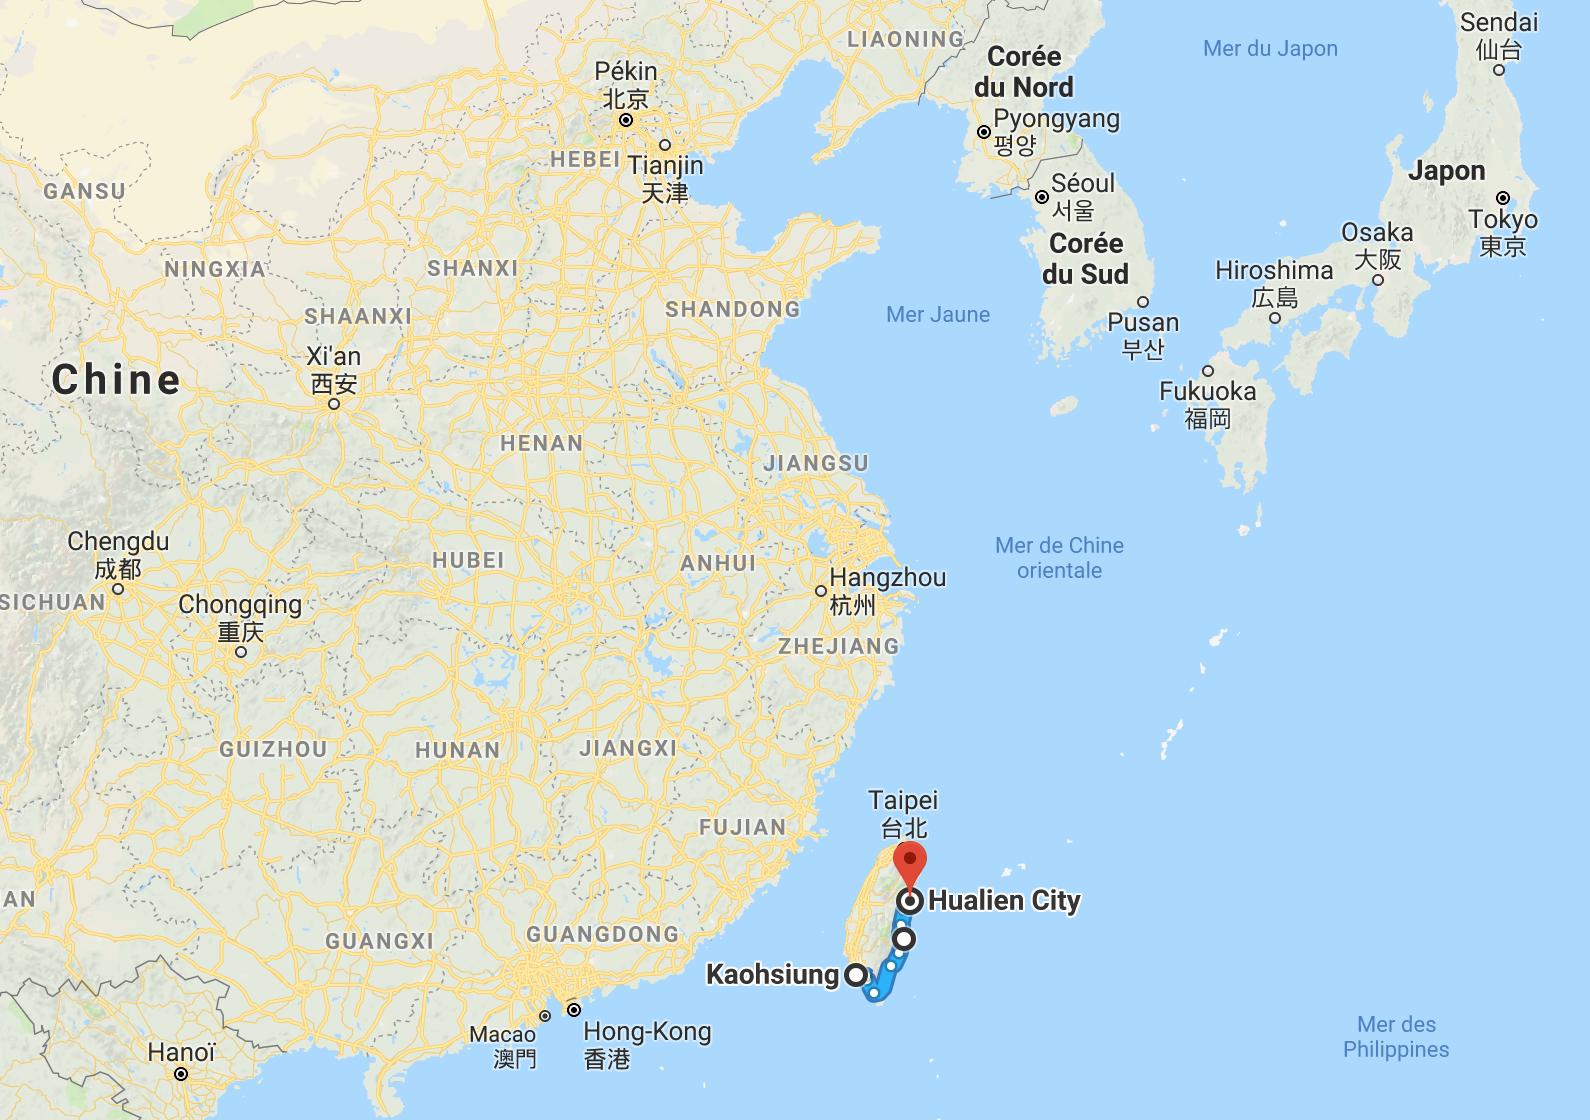 Taïwan en Asie de l'Est.